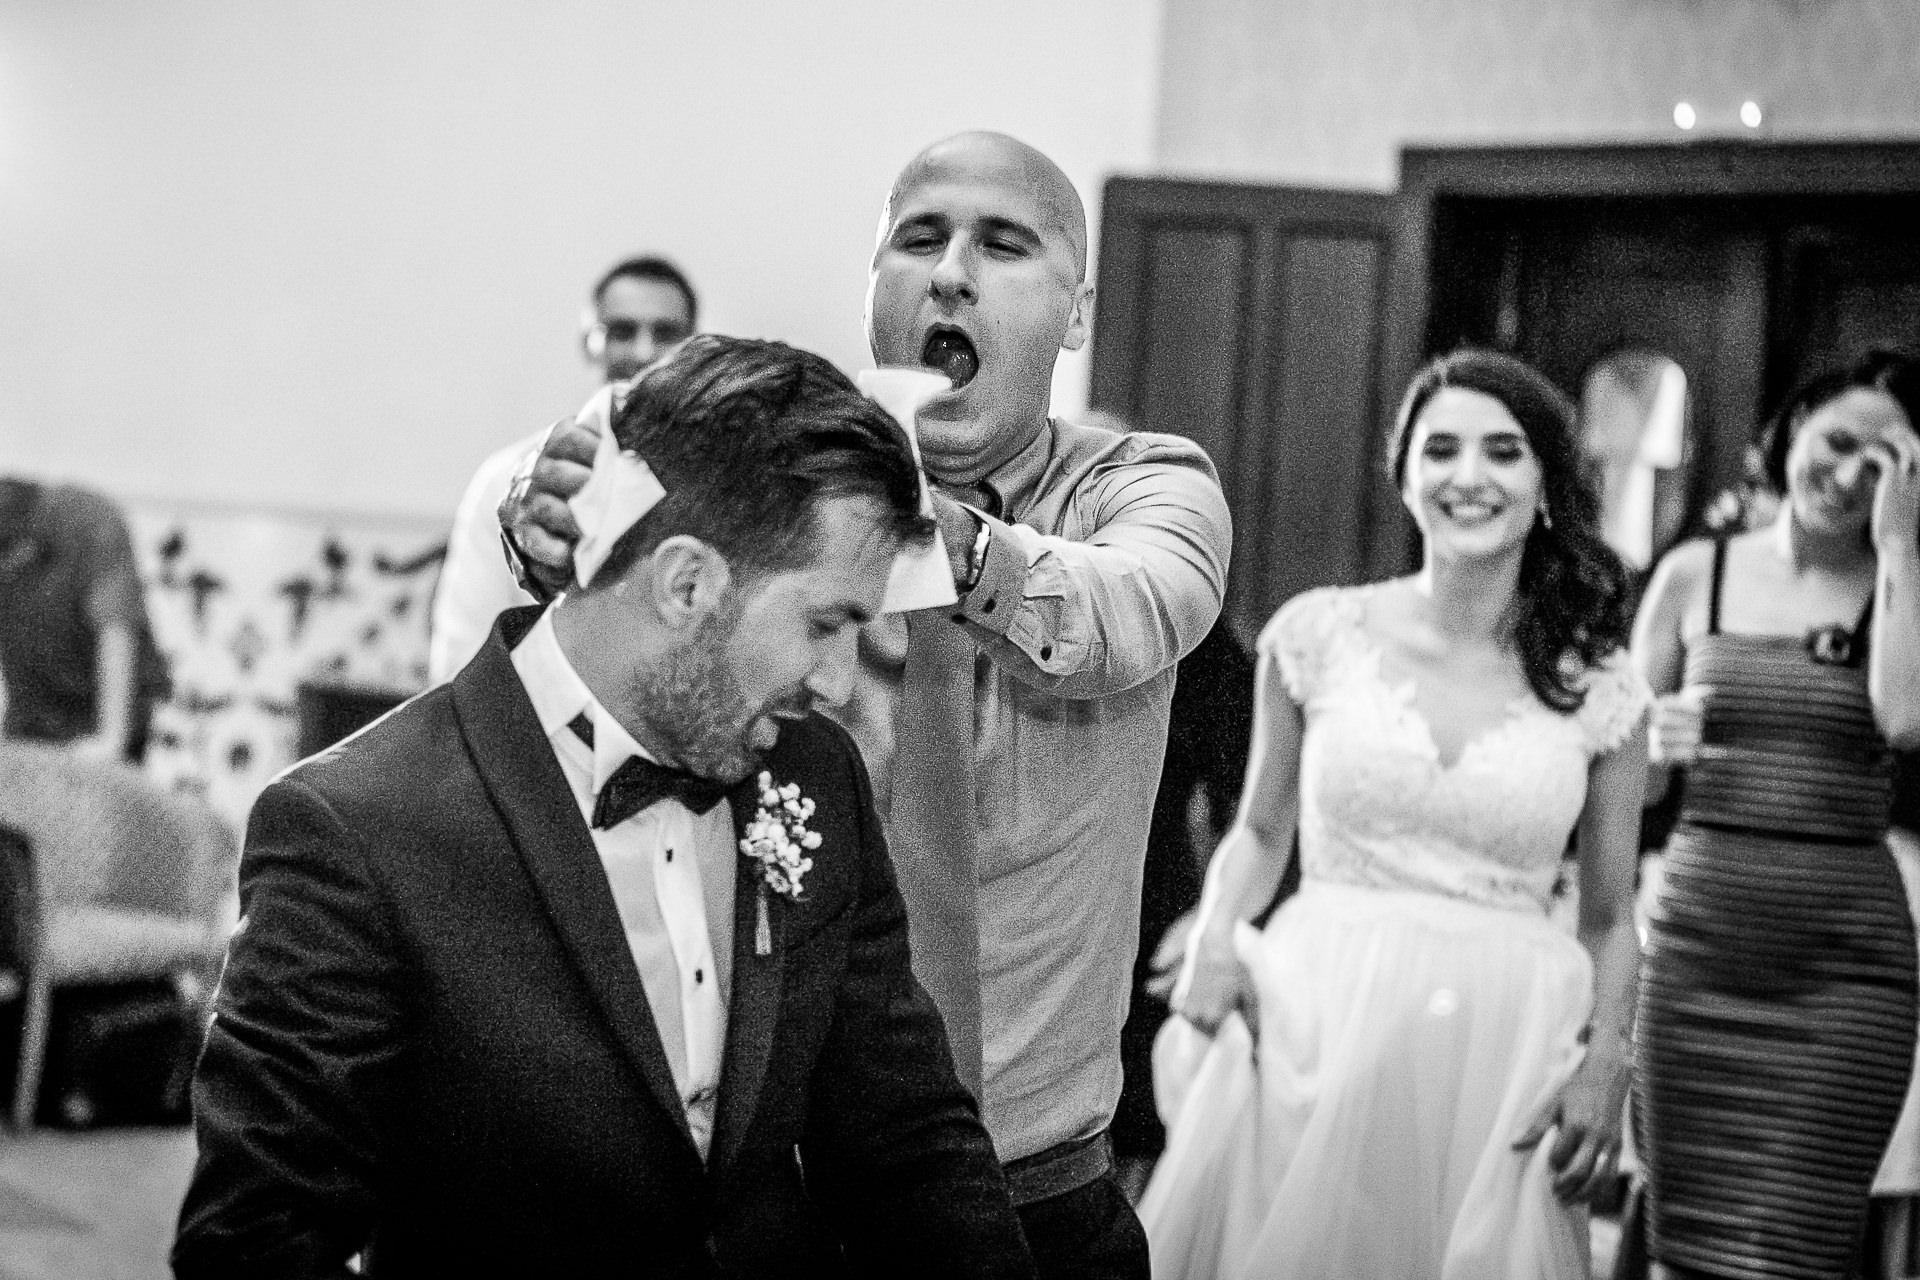 nuntă Salon Elisabeta - Elena şi Costin - Mihai Zaharia Photography - 072